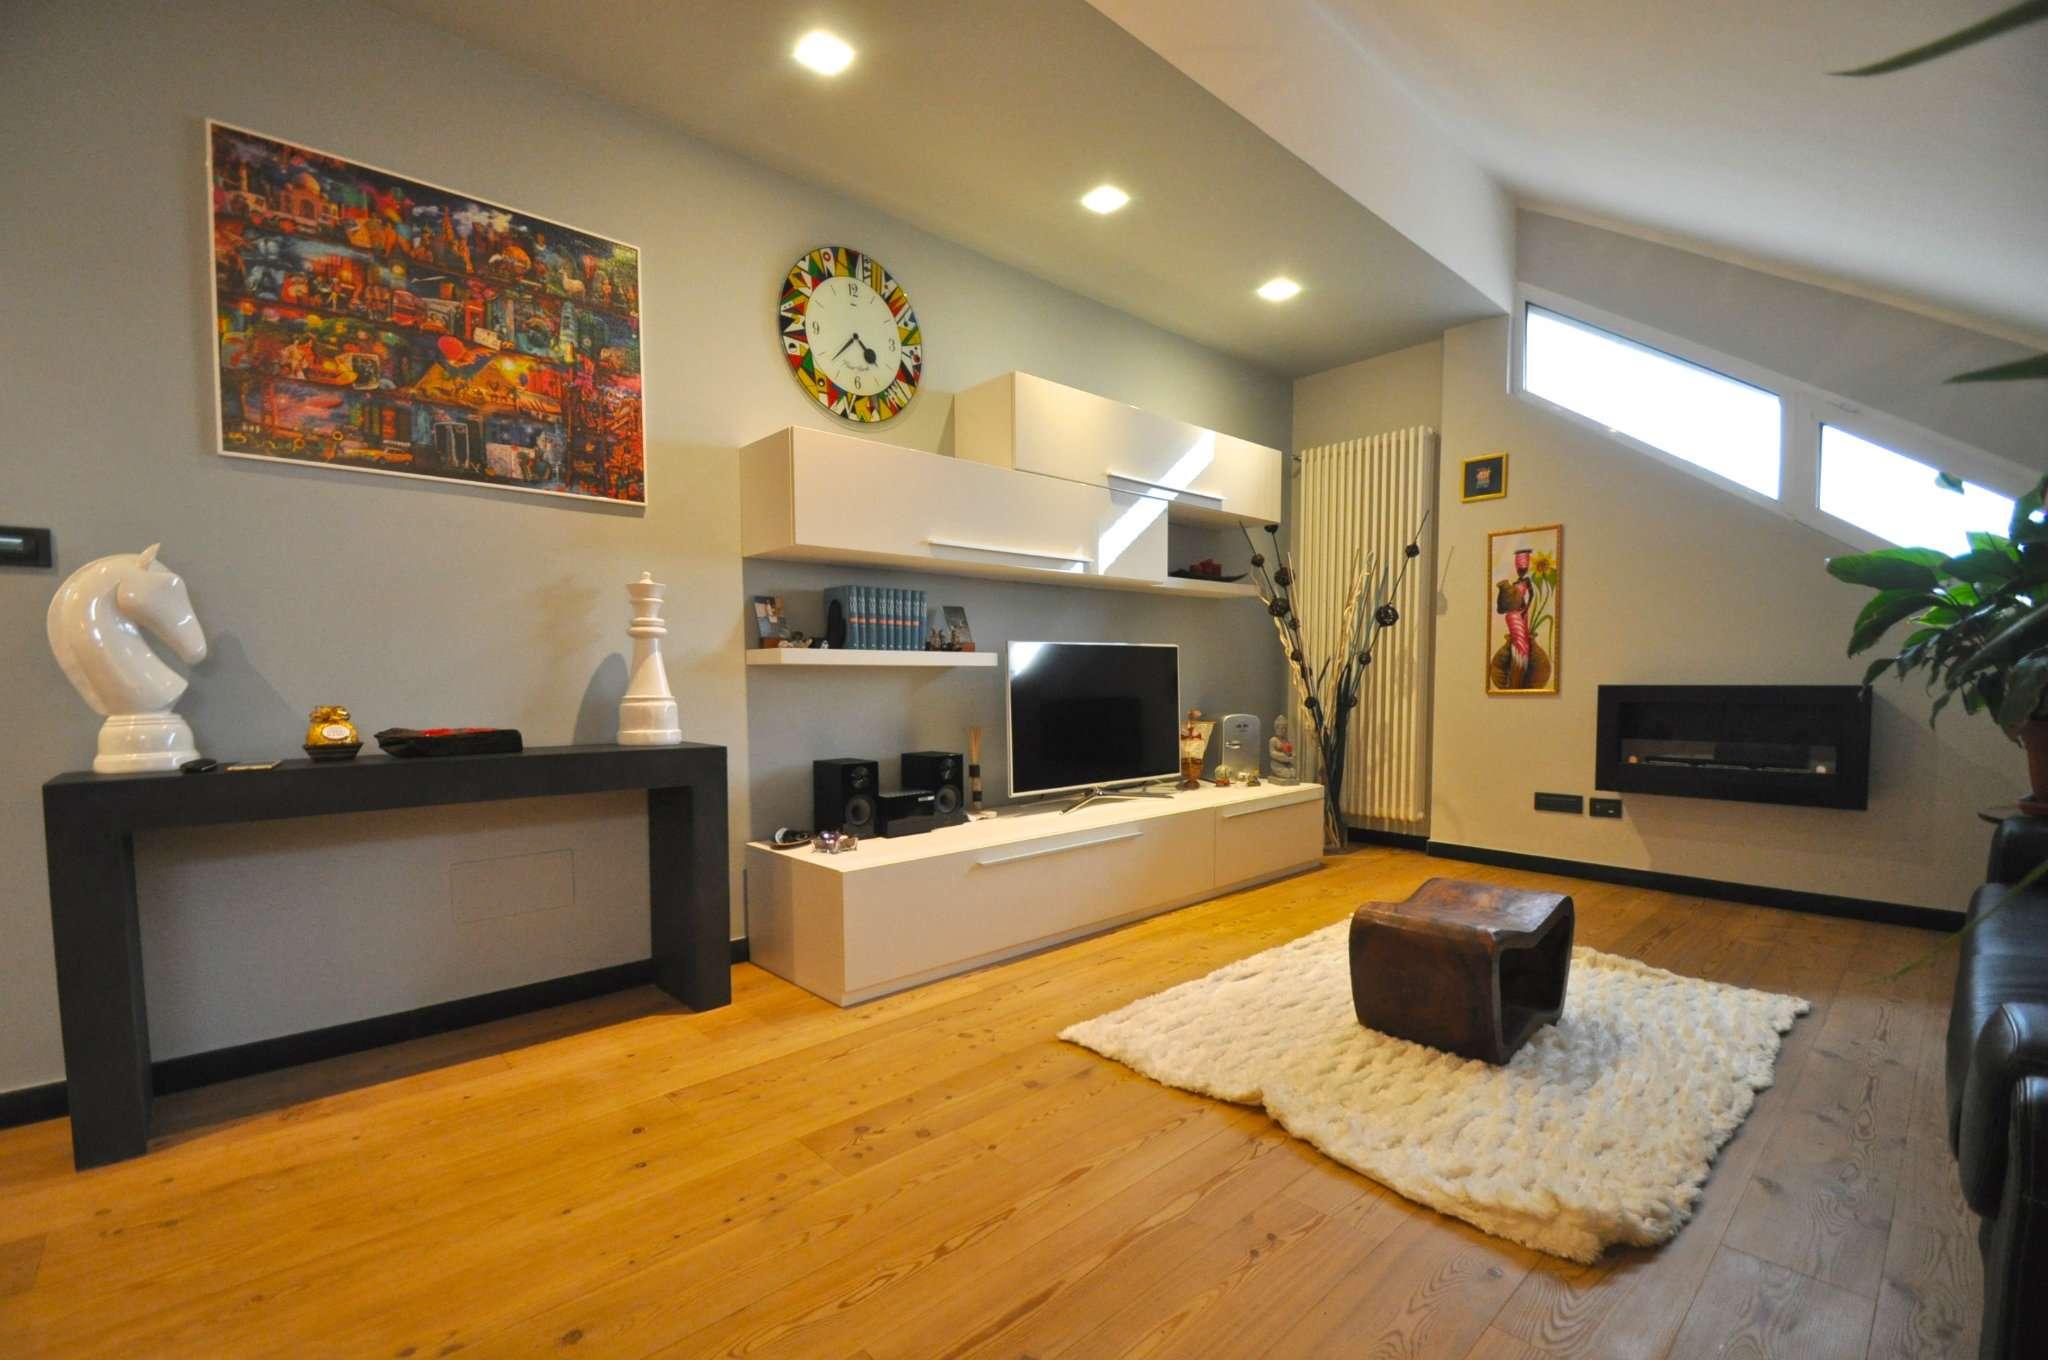 Foto 1 di Appartamento via Mario Mazza  43, Genova (zona Apparizione)